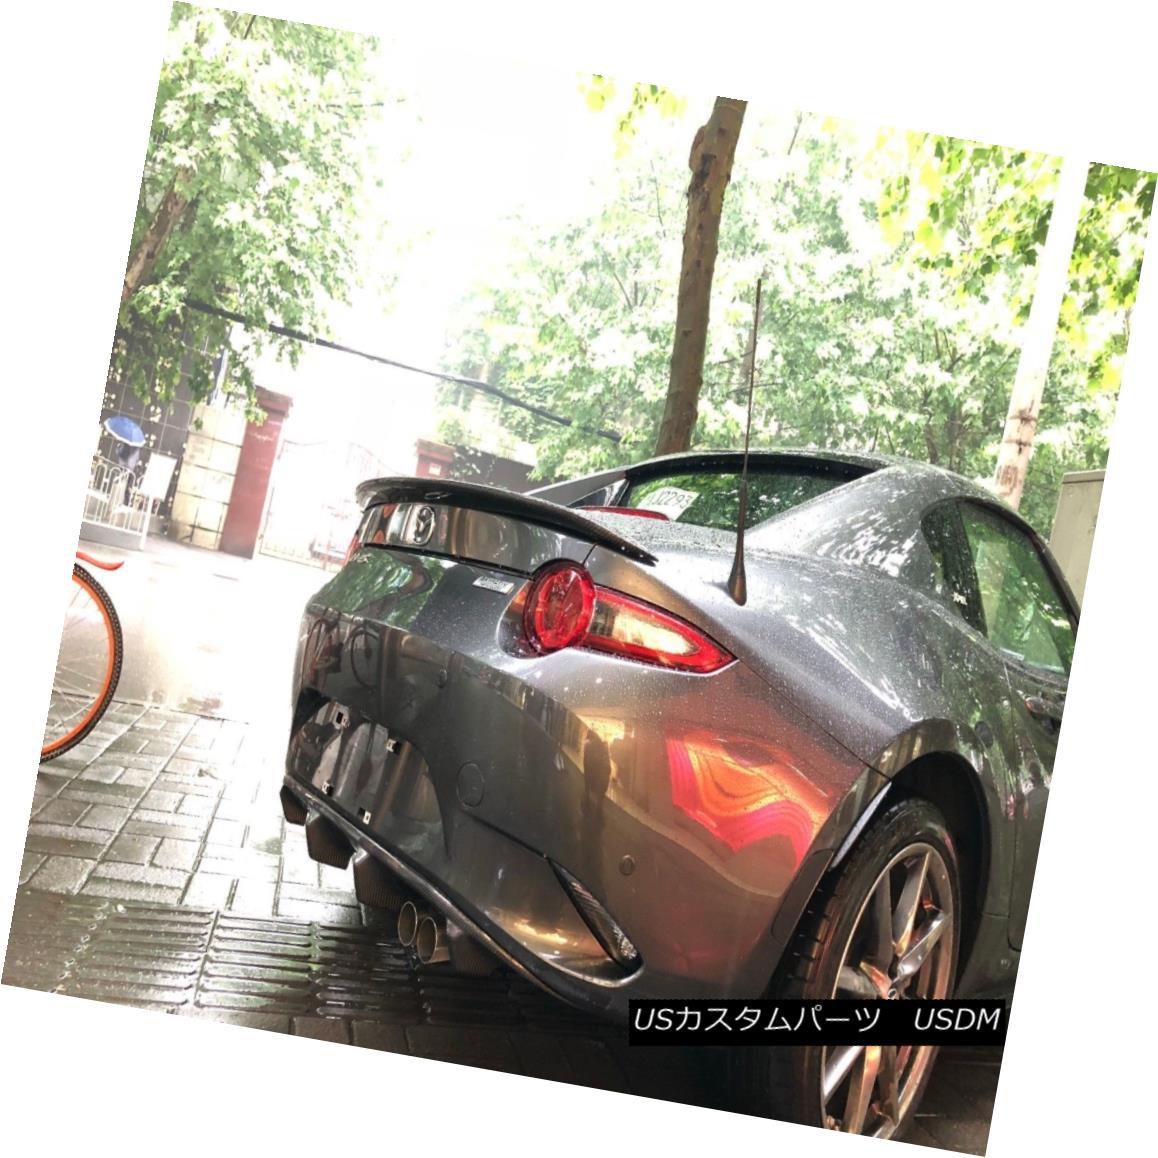 エアロパーツ Rear Bumper Diffuser For Mazda MX5 ND5RC Miata Roadster FA Style Carbon Fiber マツダMX5 ND5RC MiataロードスターFAスタイルカーボンファイバーのリアバンパーディフューザー